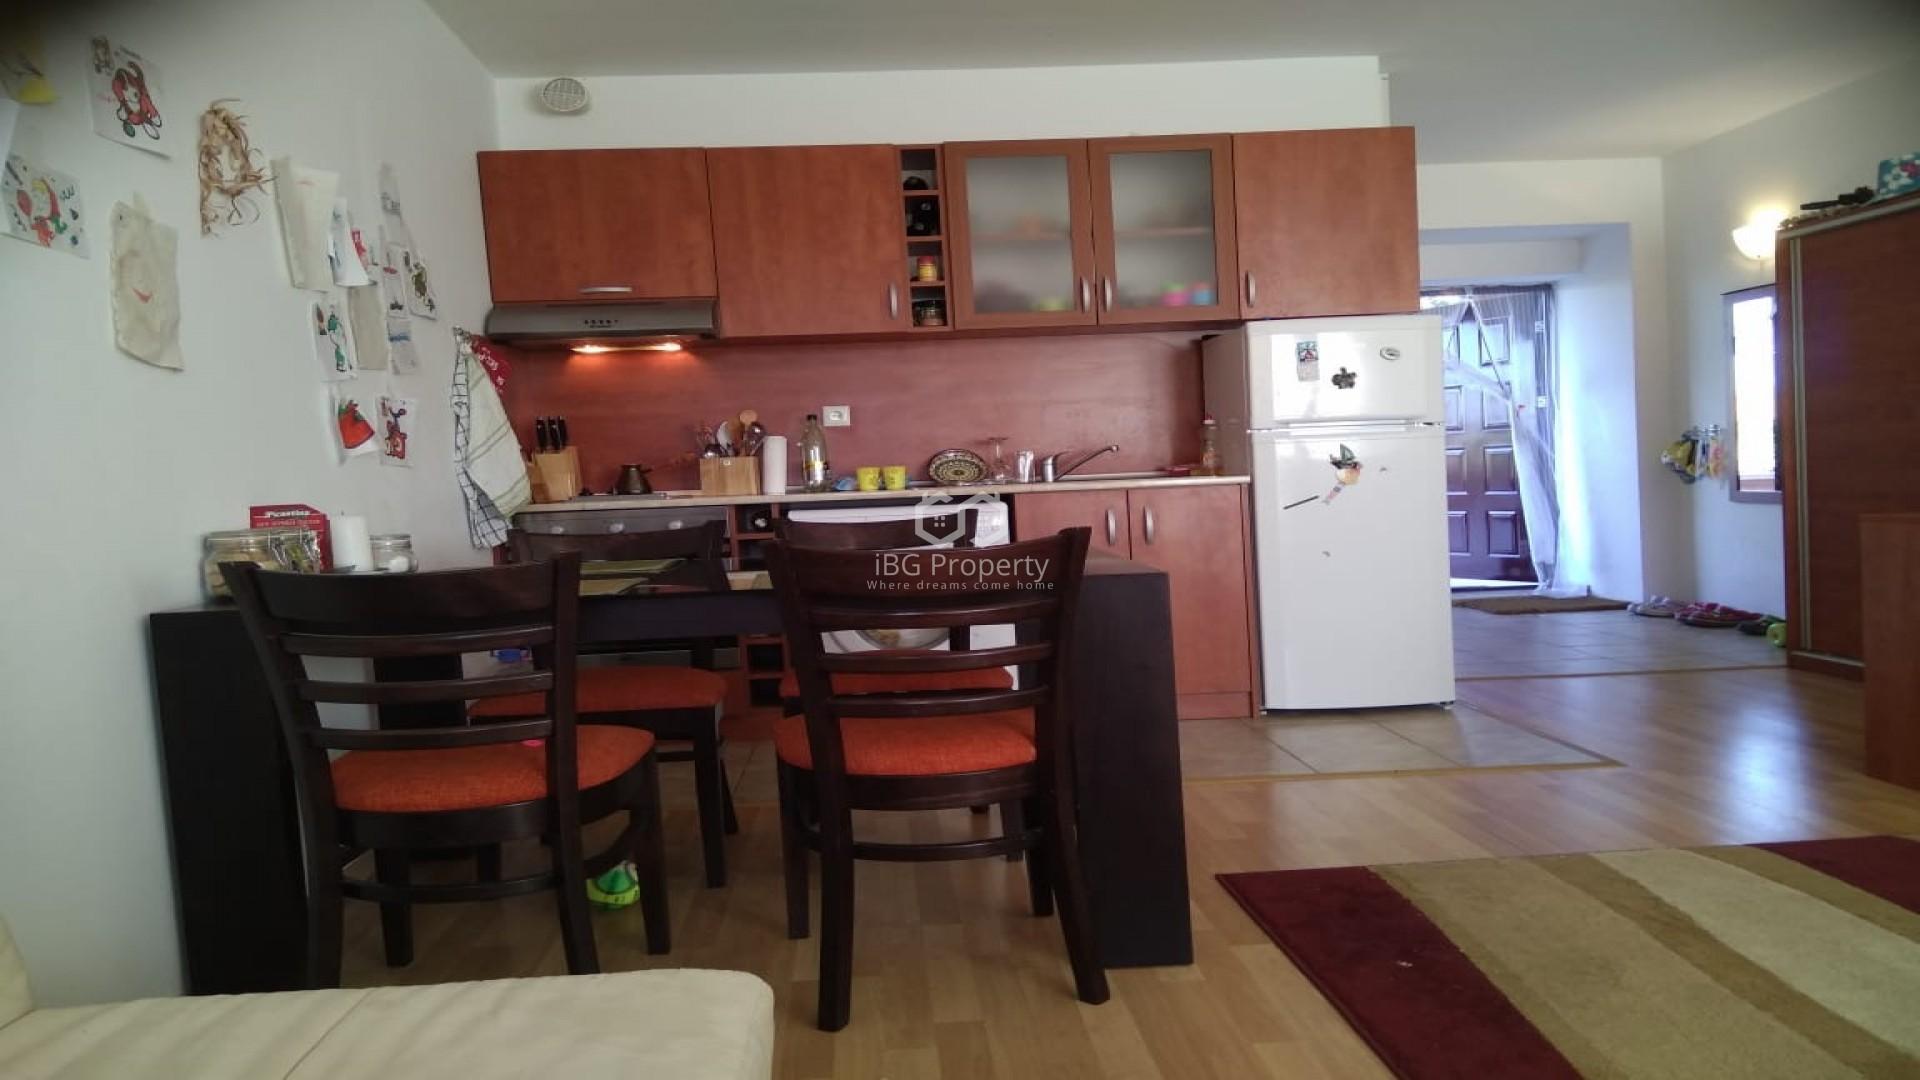 Eдностаен апартамент Бяла  52 m2